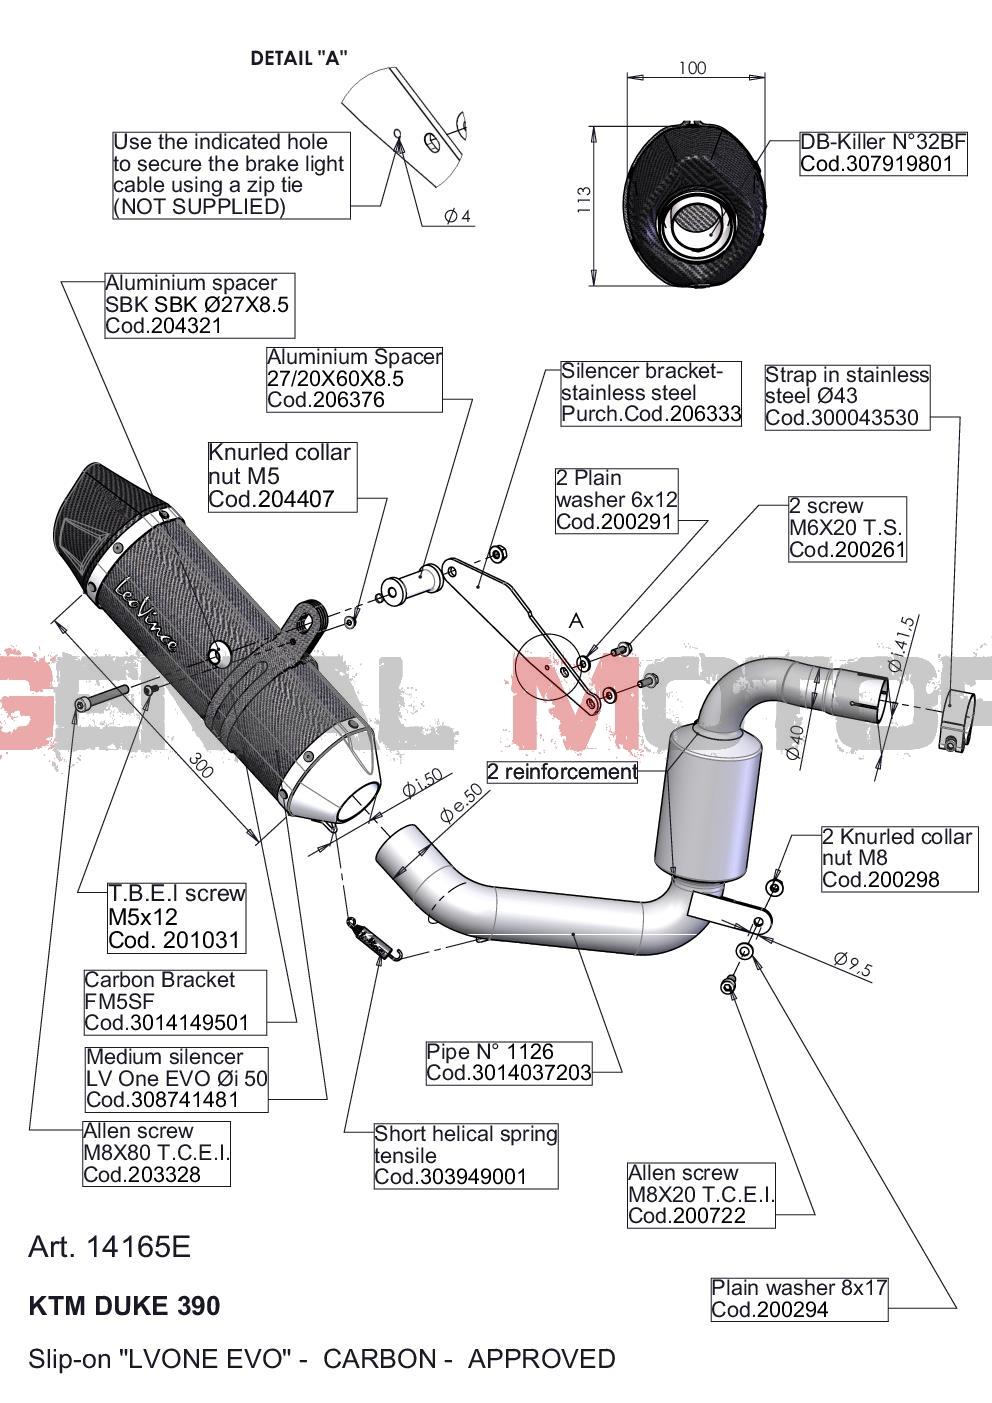 Exhaust Leovince Lv One Evo Carbon Fiber Ktm Duke 390 2013 > 2016